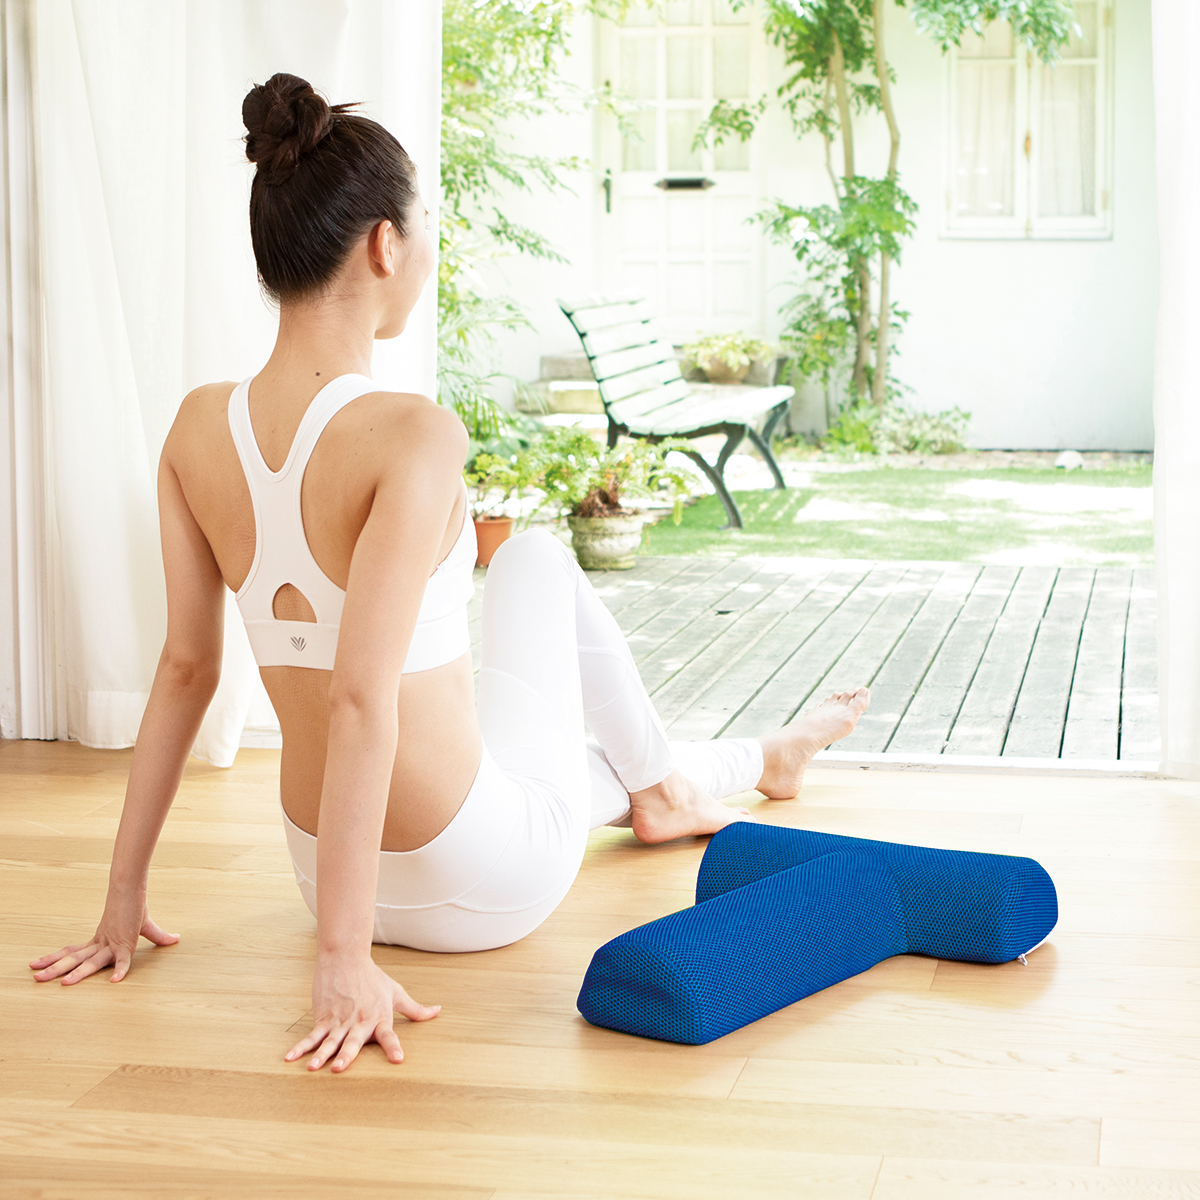 前屈みで固まっていた腰周りの筋肉がシャンと立って、筋肉のバランスが整ってきます。予約殺到「ソリデンテ南青山」サロンの技を自宅で体感できる「ストレッチ枕」|ミオドレ式寝るだけストレッチ枕